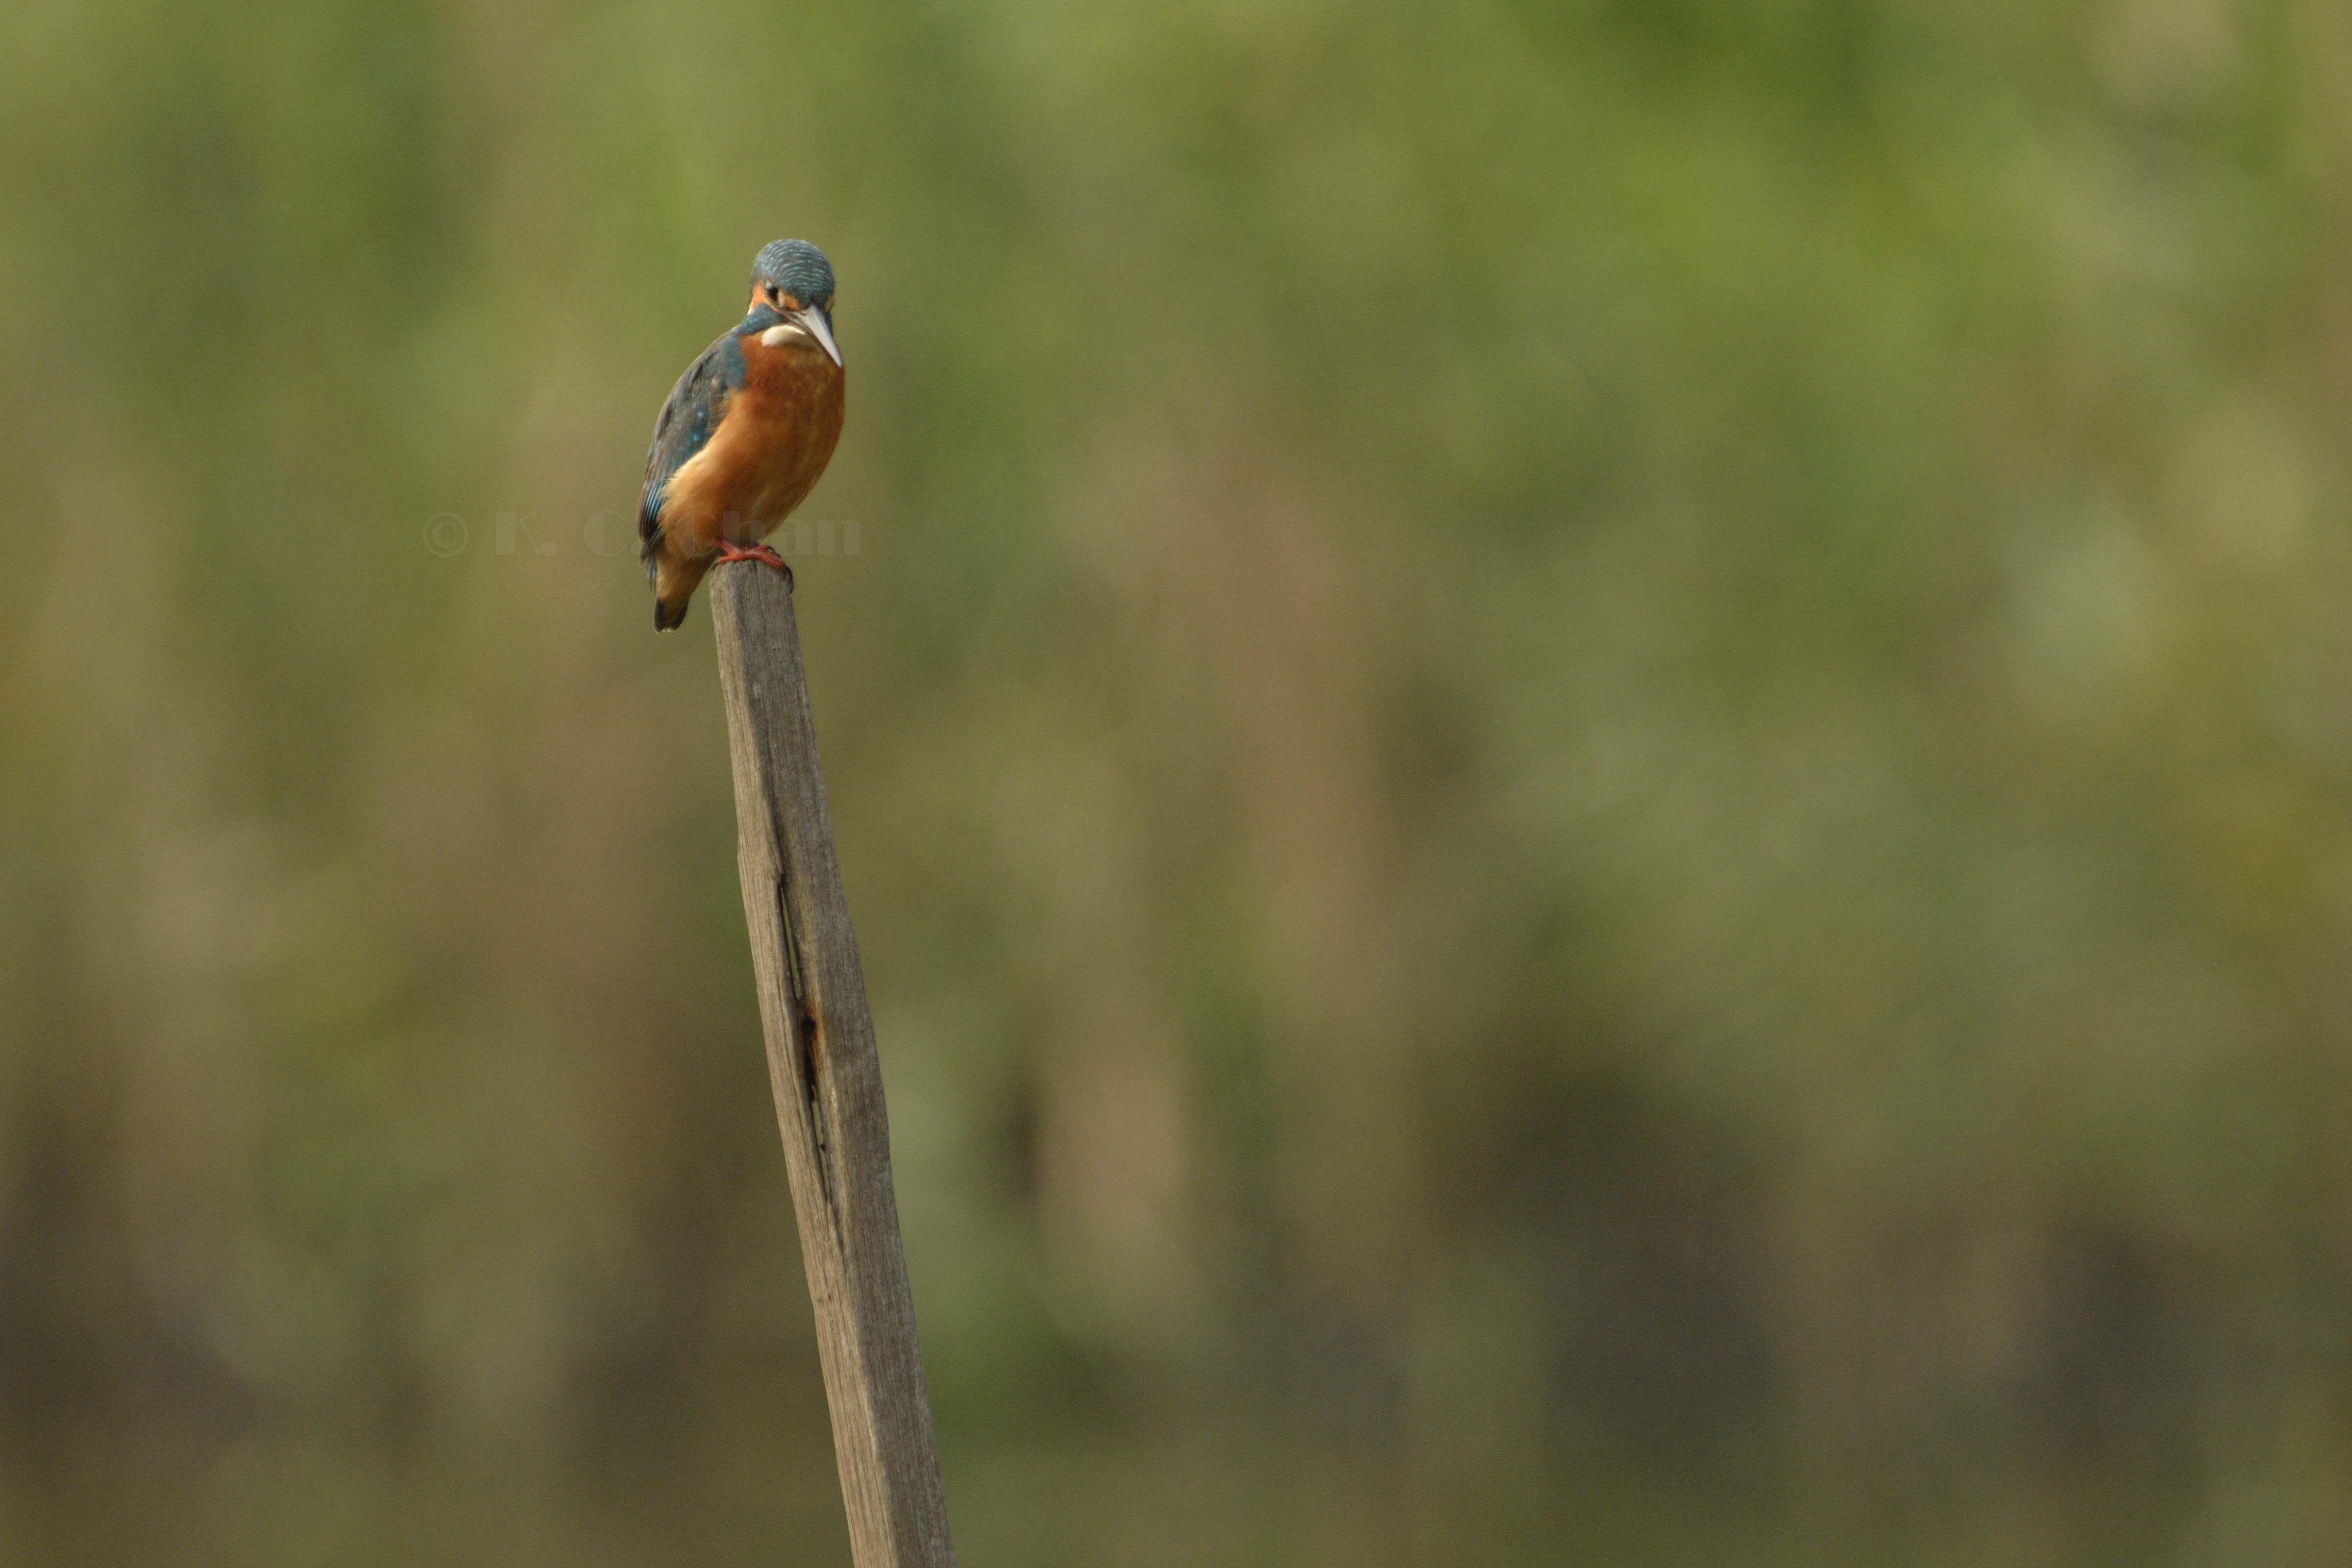 普通翠鳥 Common Kingfisher